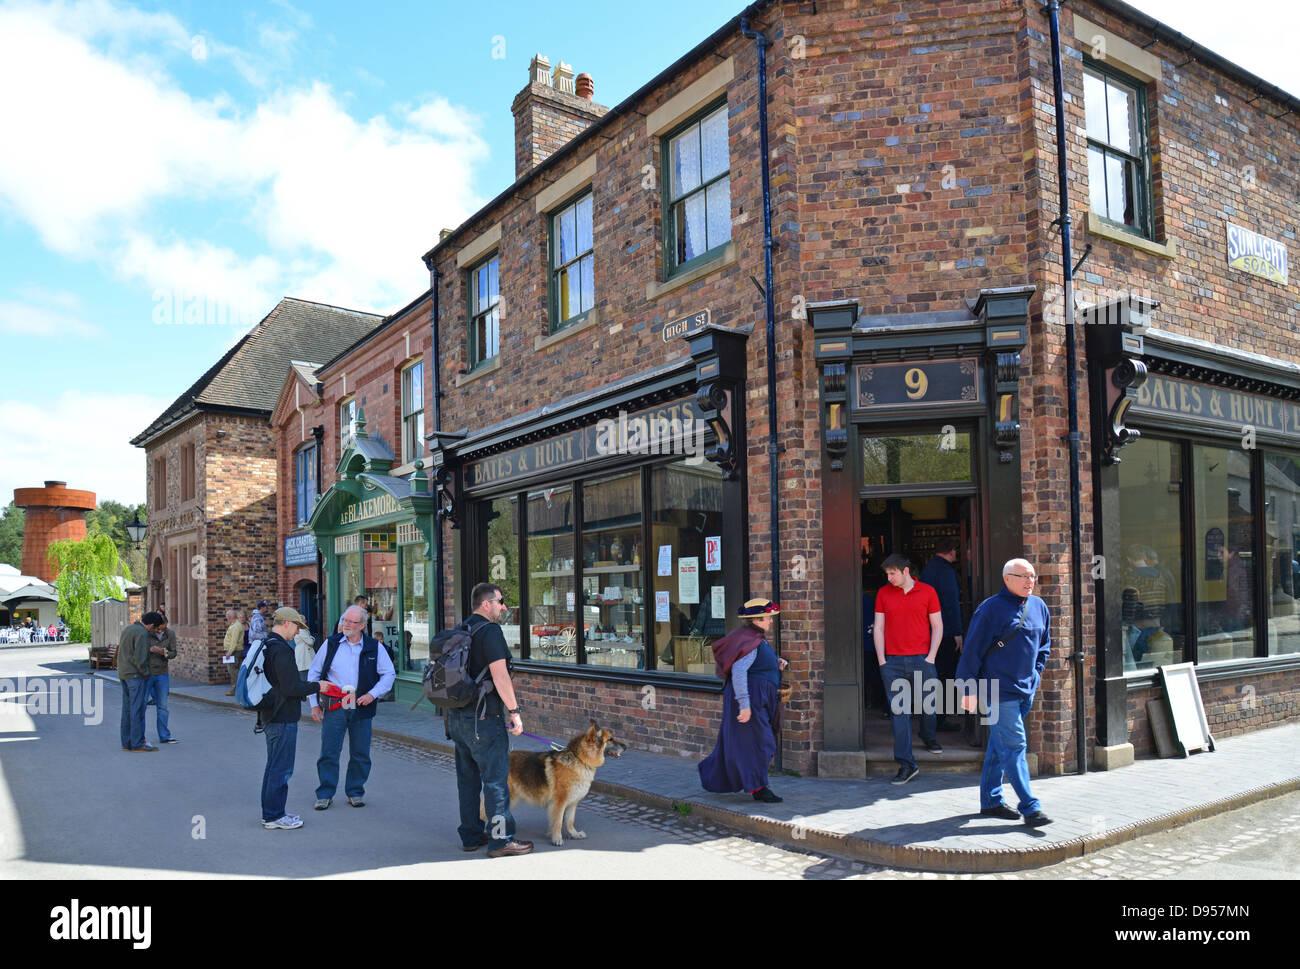 Telford shropshire united kingdom